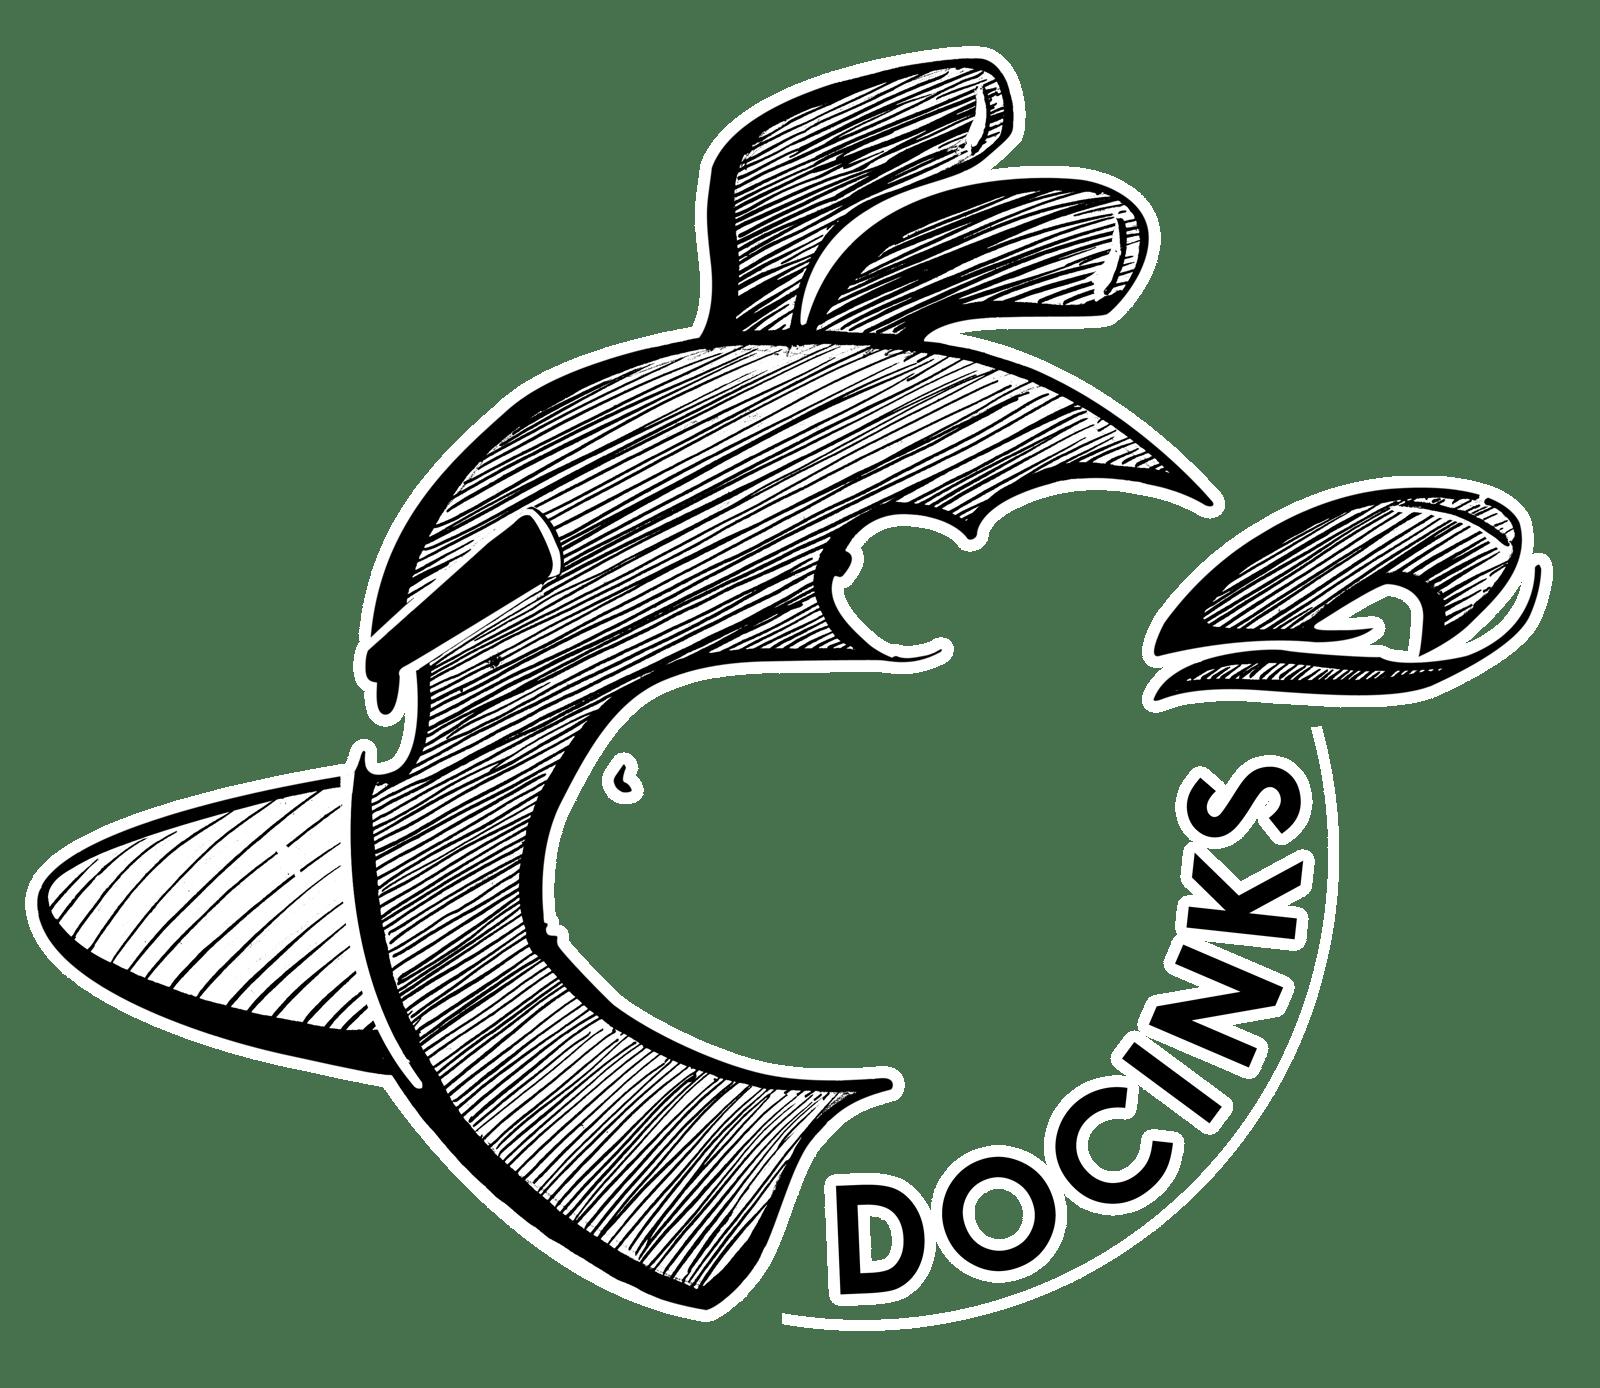 Docinks